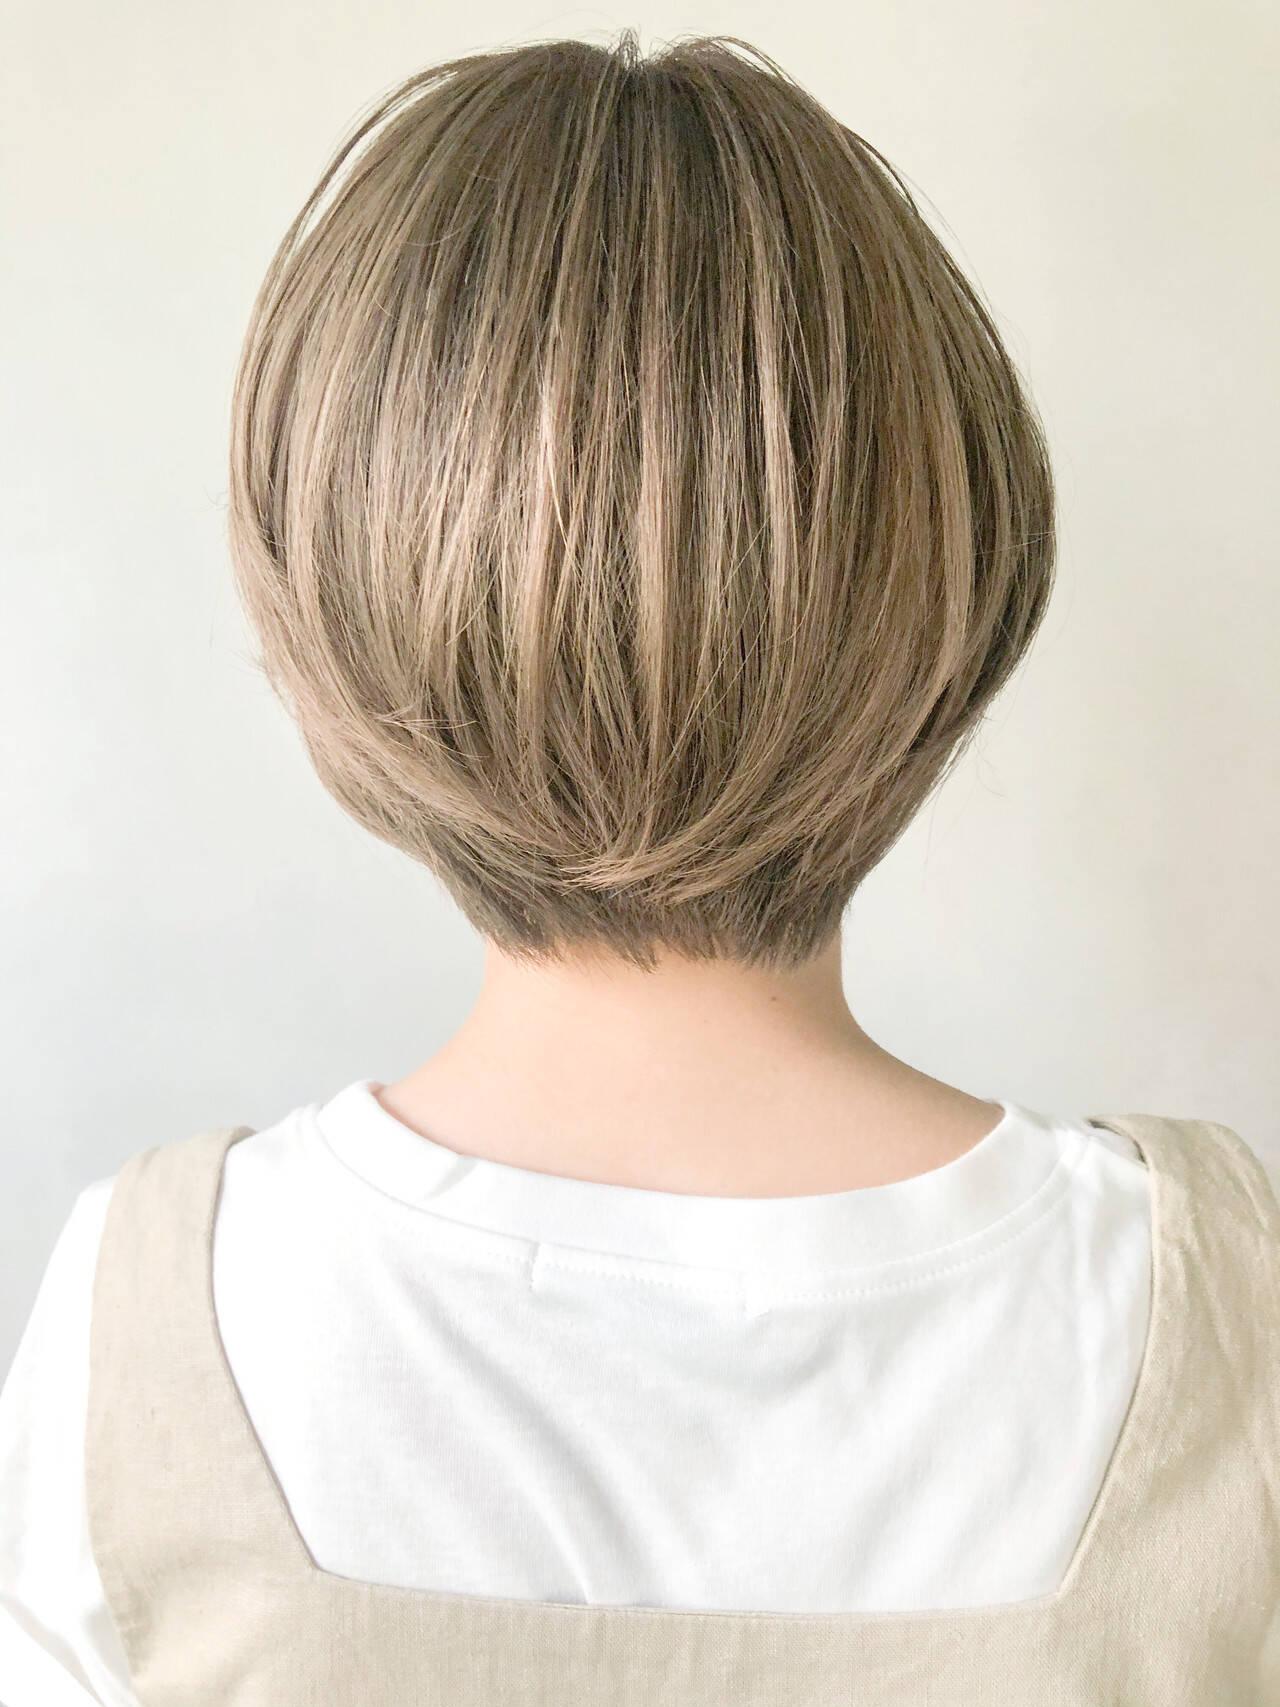 外ハネボブ アッシュグラデーション インナーカラー 大人ヘアスタイルヘアスタイルや髪型の写真・画像